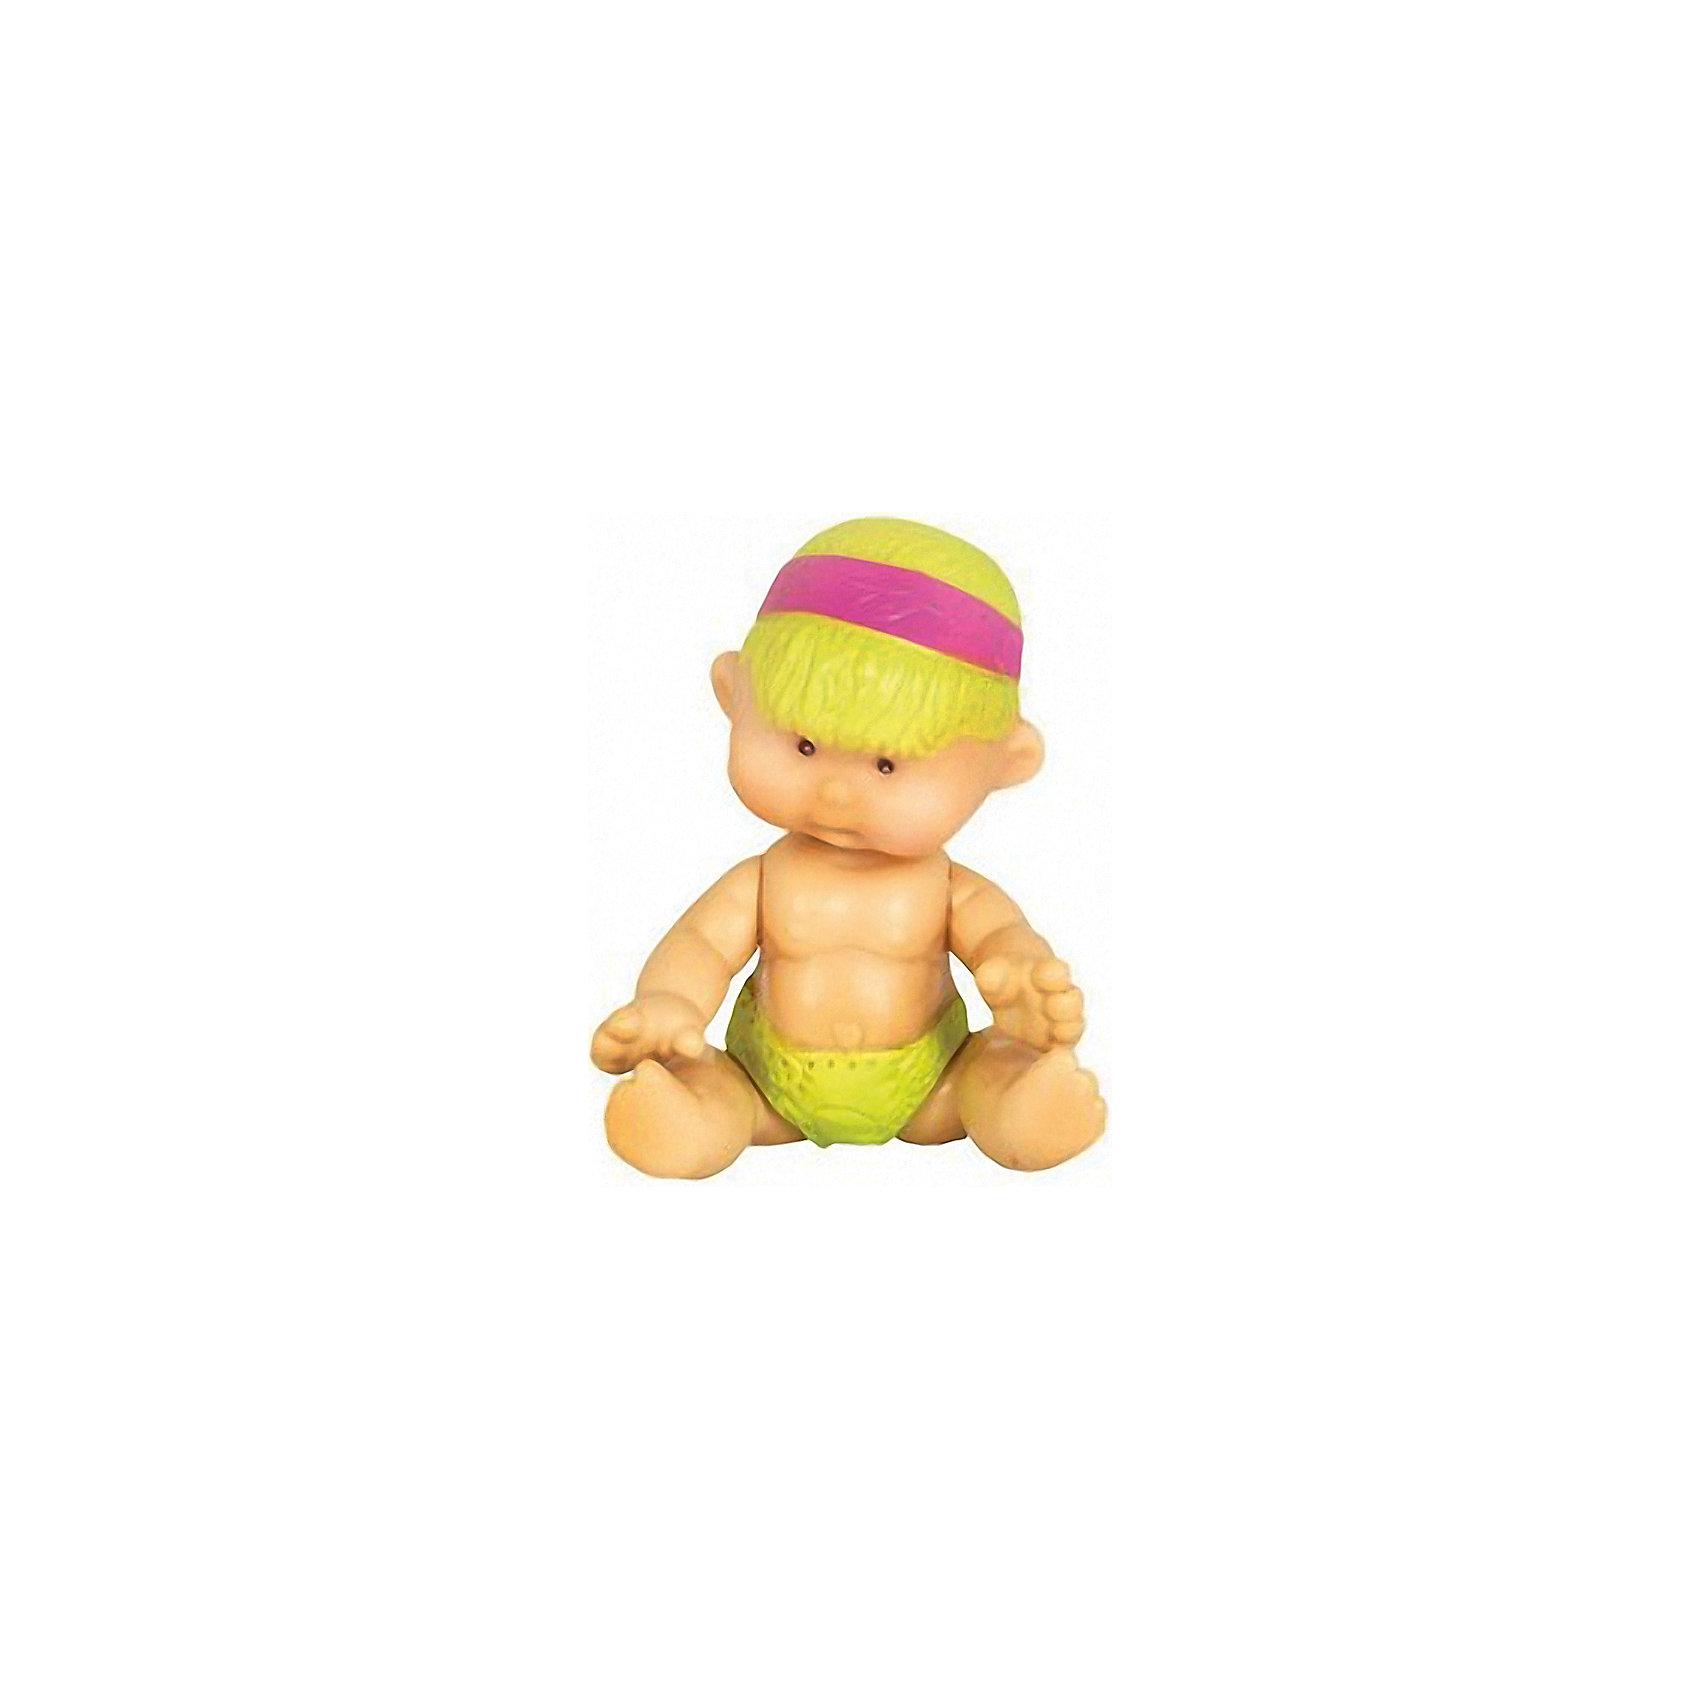 Пупс Нюша Груша, 7см, YogurtinisМини-куклы<br>Милый пупс Нюша Груша не оставит ребенка равнодушным. Ножки и ручки игрушки подвижны. Оригинальное личико, необычное имя и приятный запах фруктового йогурта вызовут море позитивных эмоций у малыша.<br><br>Дополнительная информация:<br>Материал: пластик, ароматизатор<br>Высота пупса: 7 см<br>Пупса Нюша Груша можно приобрести в нашем интернет-магазине.<br><br>Ширина мм: 75<br>Глубина мм: 75<br>Высота мм: 70<br>Вес г: 20<br>Возраст от месяцев: 36<br>Возраст до месяцев: 84<br>Пол: Женский<br>Возраст: Детский<br>SKU: 4944596